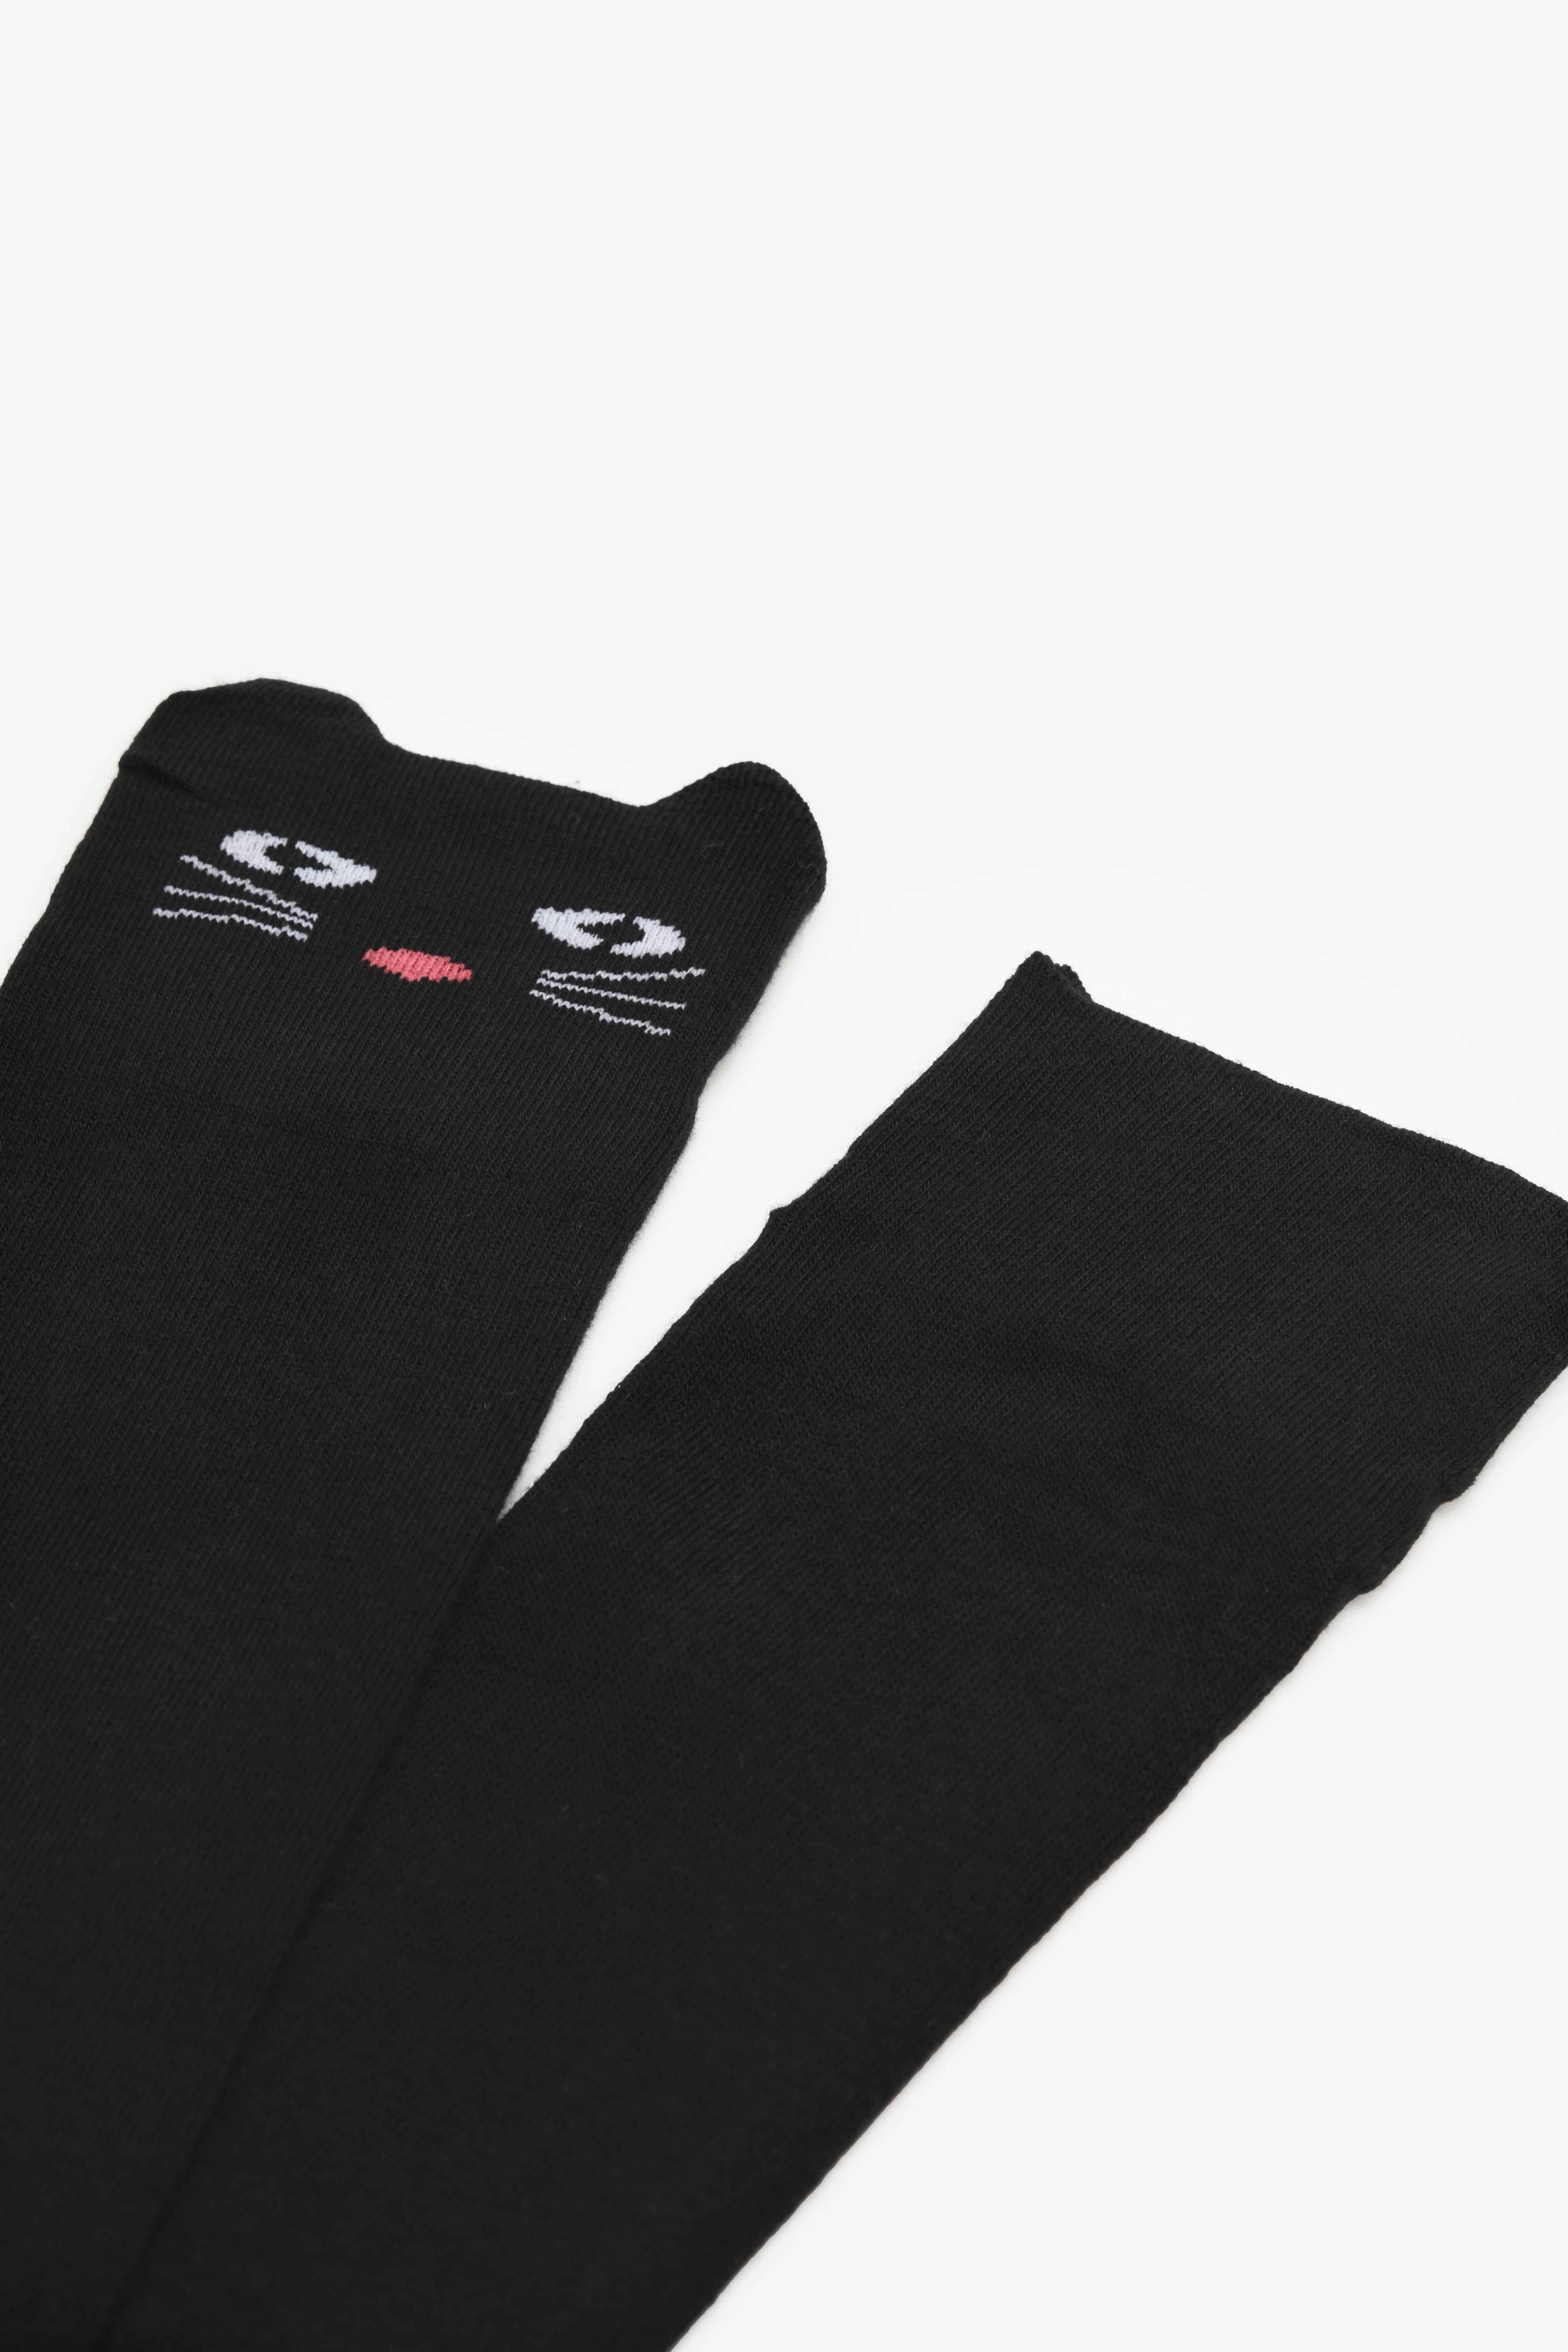 Chaussettes de chat mi-cuisse